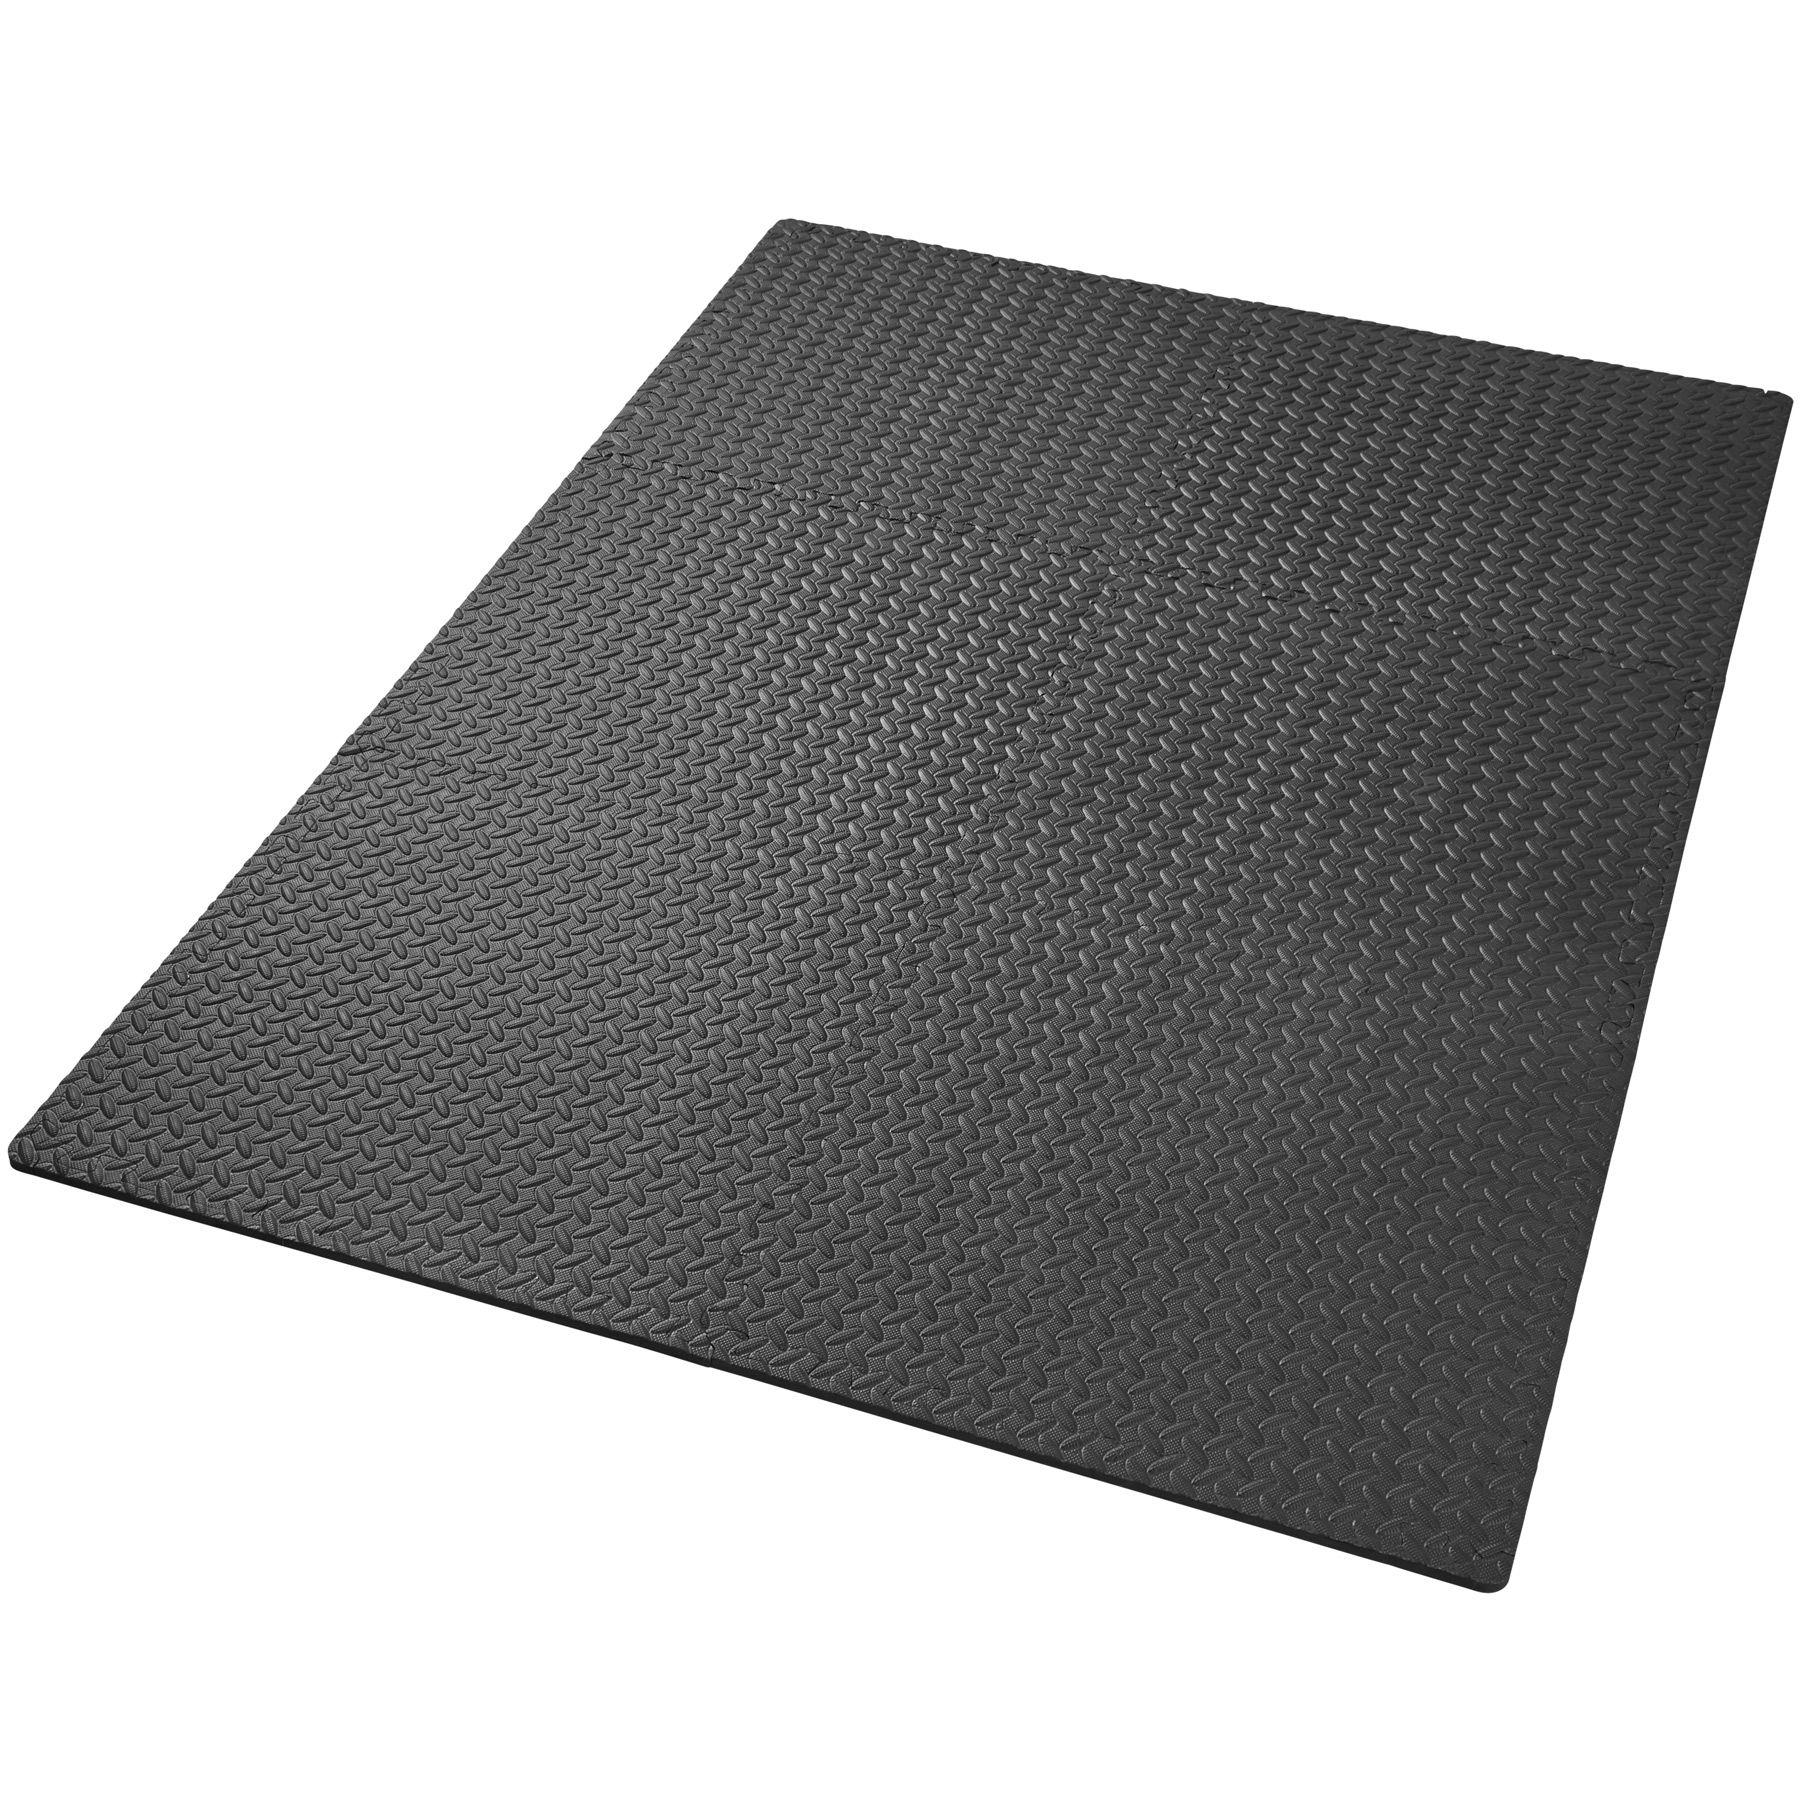 bleu ufw mats et in jaune puzzle bjj en tatami cheap mat stock